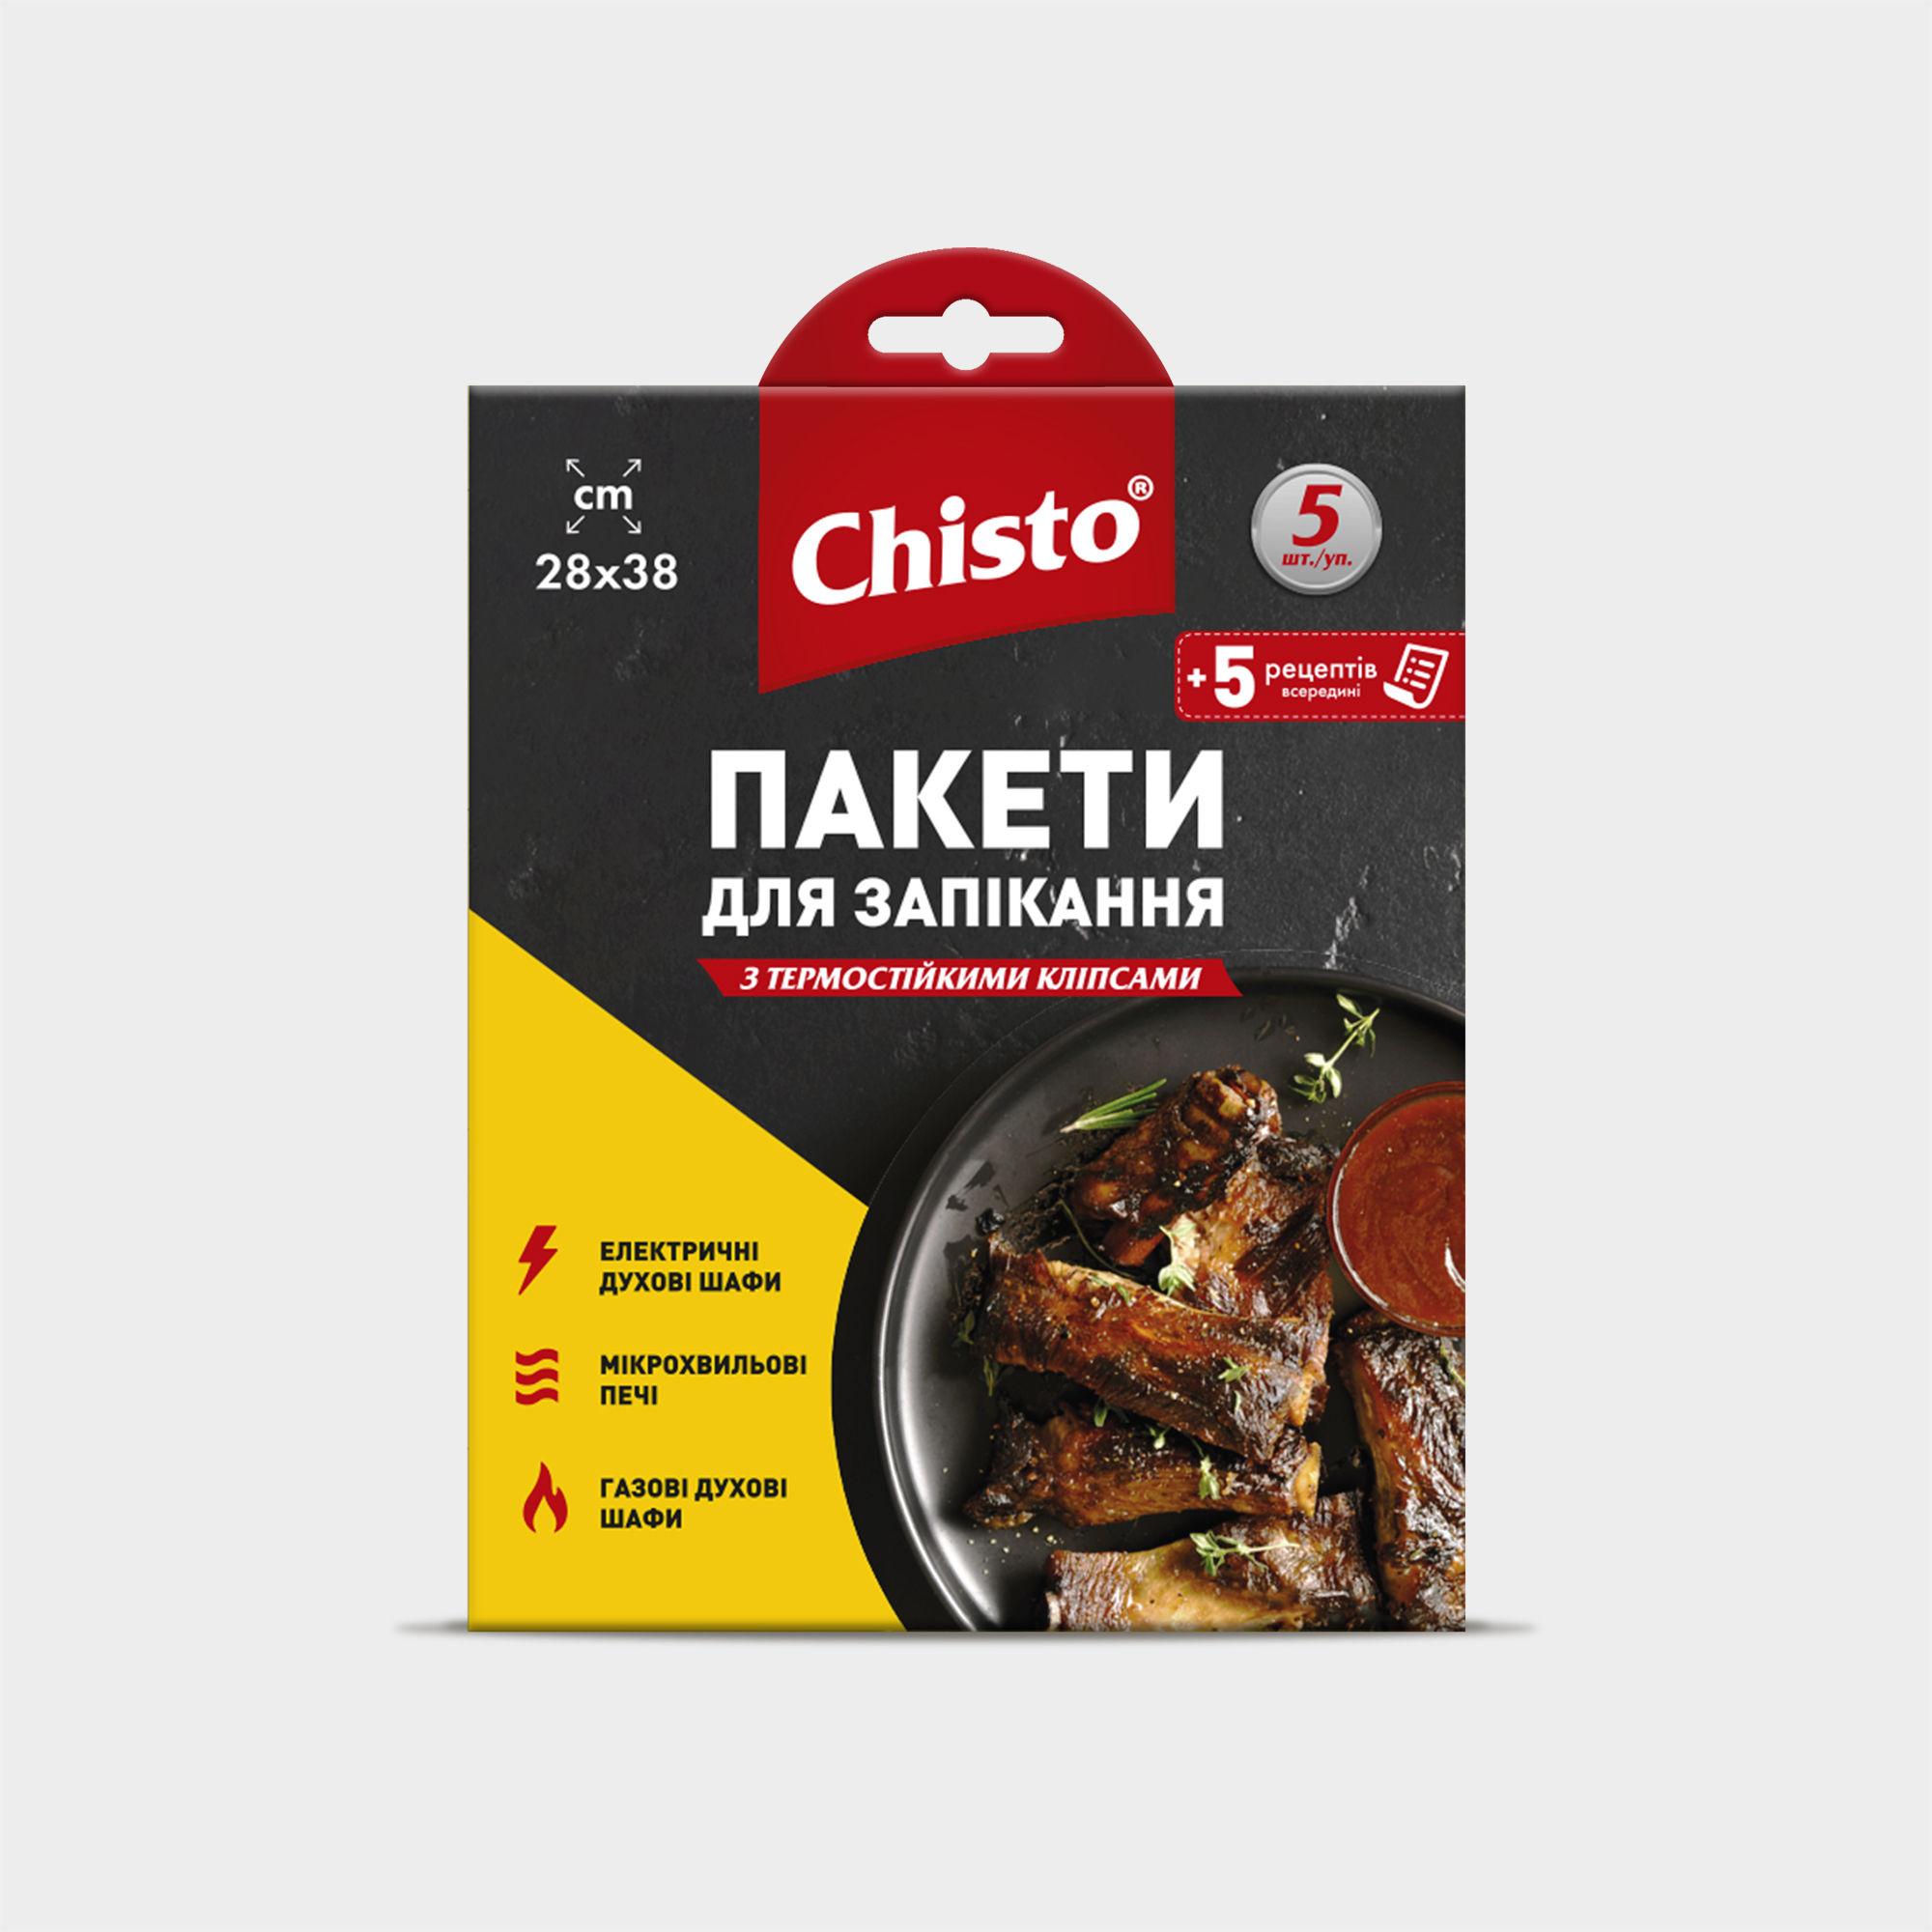 Пакети для запікання і заморозки харчових продуктів Chisto з термостійкими кліпсами